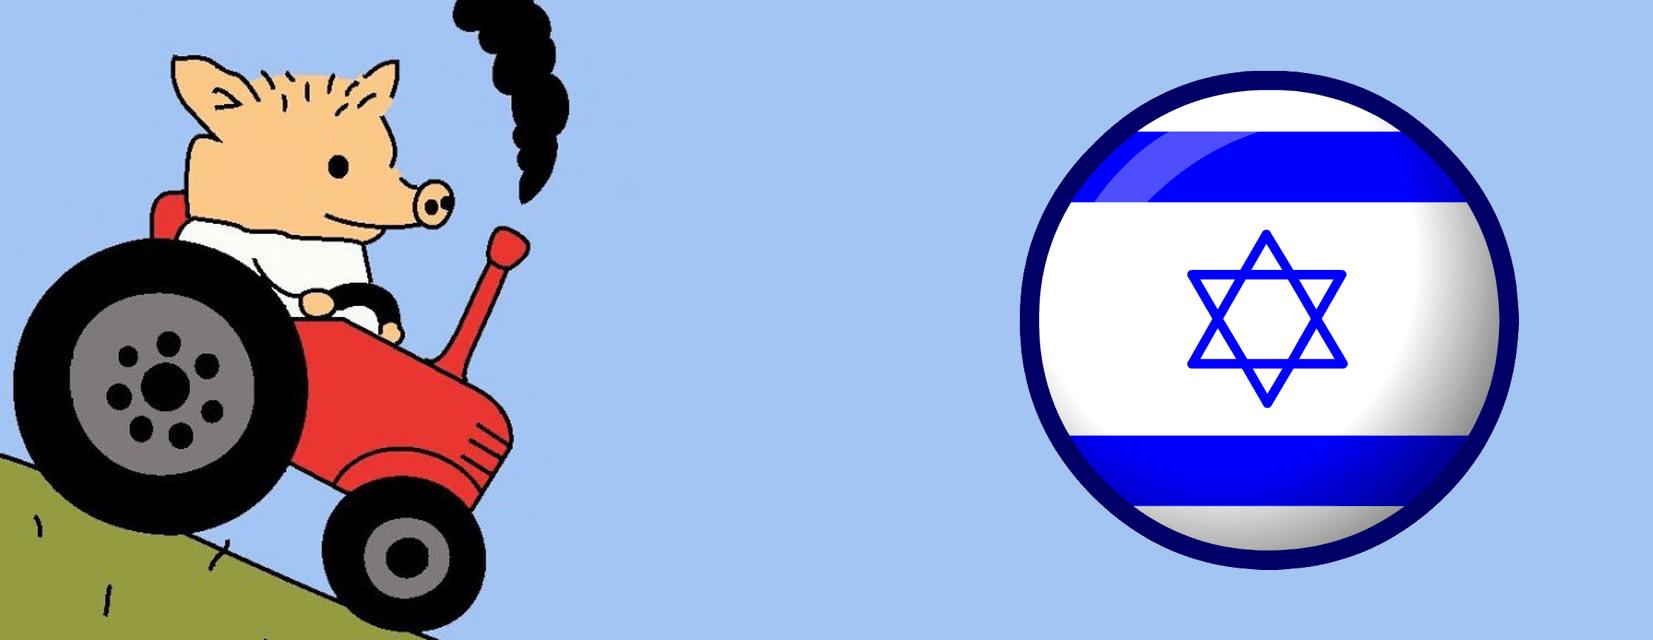 Как я переехал в Израиль после блокировки Telegram - 1